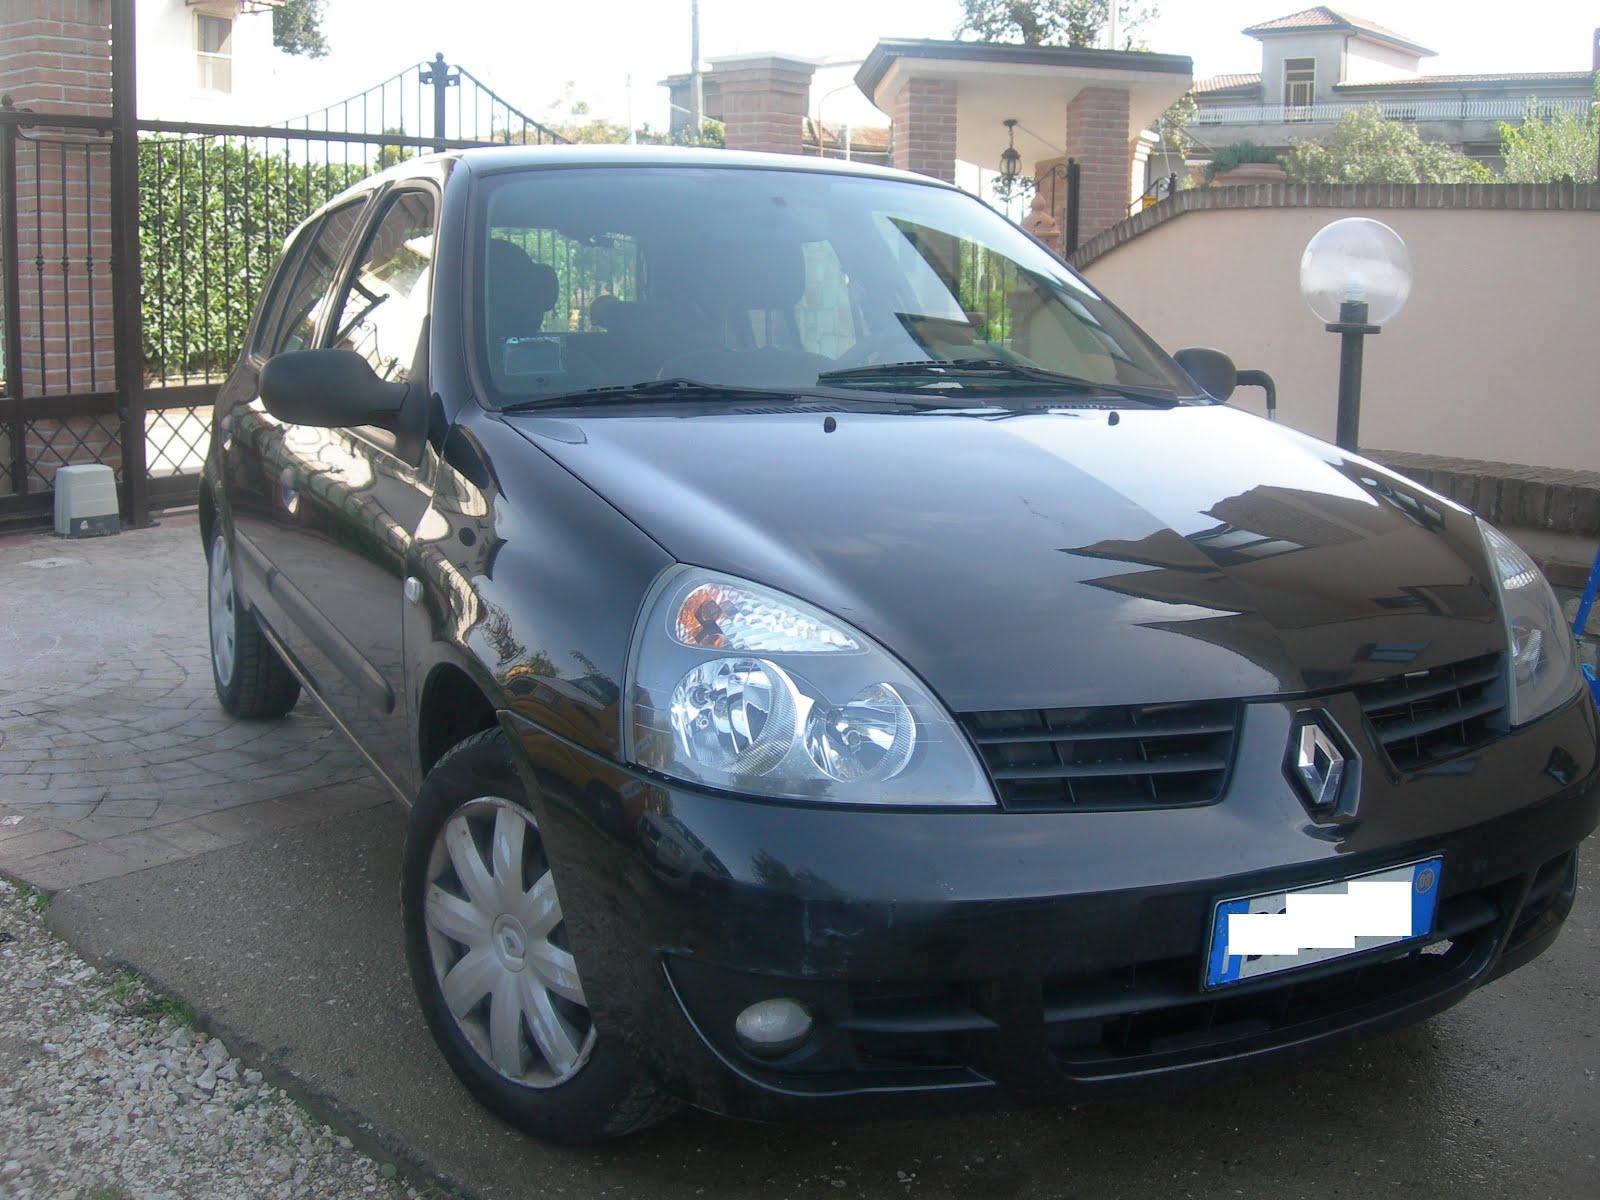 Renault Clio Storia 1.2 GPL  clima-vetri elettrici-idroguida- anno 2008 Prezzo 3.200,00 euro